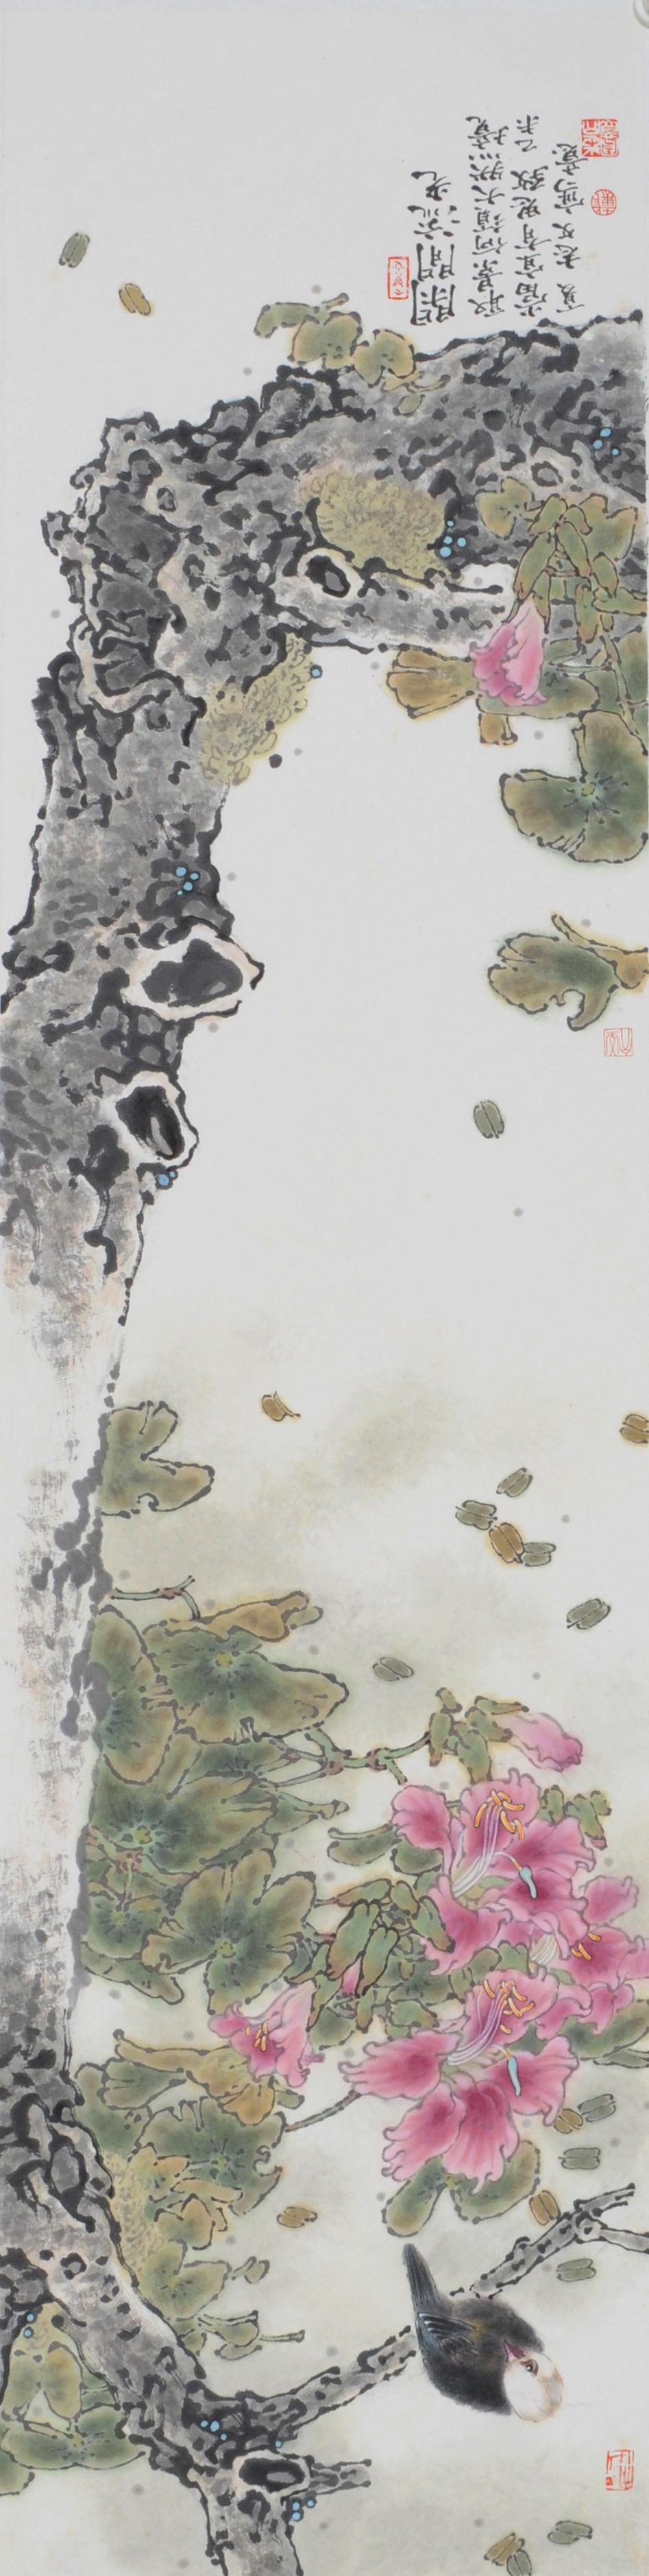 戴志文简历  戴志文, 生于1971年,广东番禺人,先后毕、结业于广州美术学院、中国艺术研究院李魁正花鸟画研究生课程班。 现为中国美术家协会敦煌创作中心创作委员、《中国书画》杂志社书画院特聘画家、中国工笔画学会会员、北京工笔重彩画会会员、广东省美术家协会会员、广州市美术家协会花鸟画艺委会委员,国家三级美术师。 师从当代著名花鸟画家陈永锵、李魁正先生,擅长花鸟、山水,精研现代没骨花鸟画,近年又在小写意大景花鸟山水画的追求中颇具心得。作品糅合传统中国画线意志、西方色彩理念和东方古典美学精神,唯美浪漫,宁静中蕴含大自然的无限生机和温情,既有当今都市化进程中的现代色彩审美趣味,同时在精神领域继续传承人与天地和谐的传统哲学精神;其创作源泉皆来自对大自然的大量写生,以及对中国文化中的自然精神经久的沉思。作品富含人文情怀和积极向上的生命精神,具有当代岭南特色的高雅审美趣味,体现了开放包容的创作观念、严谨的治学精神和对艺术的敬畏。